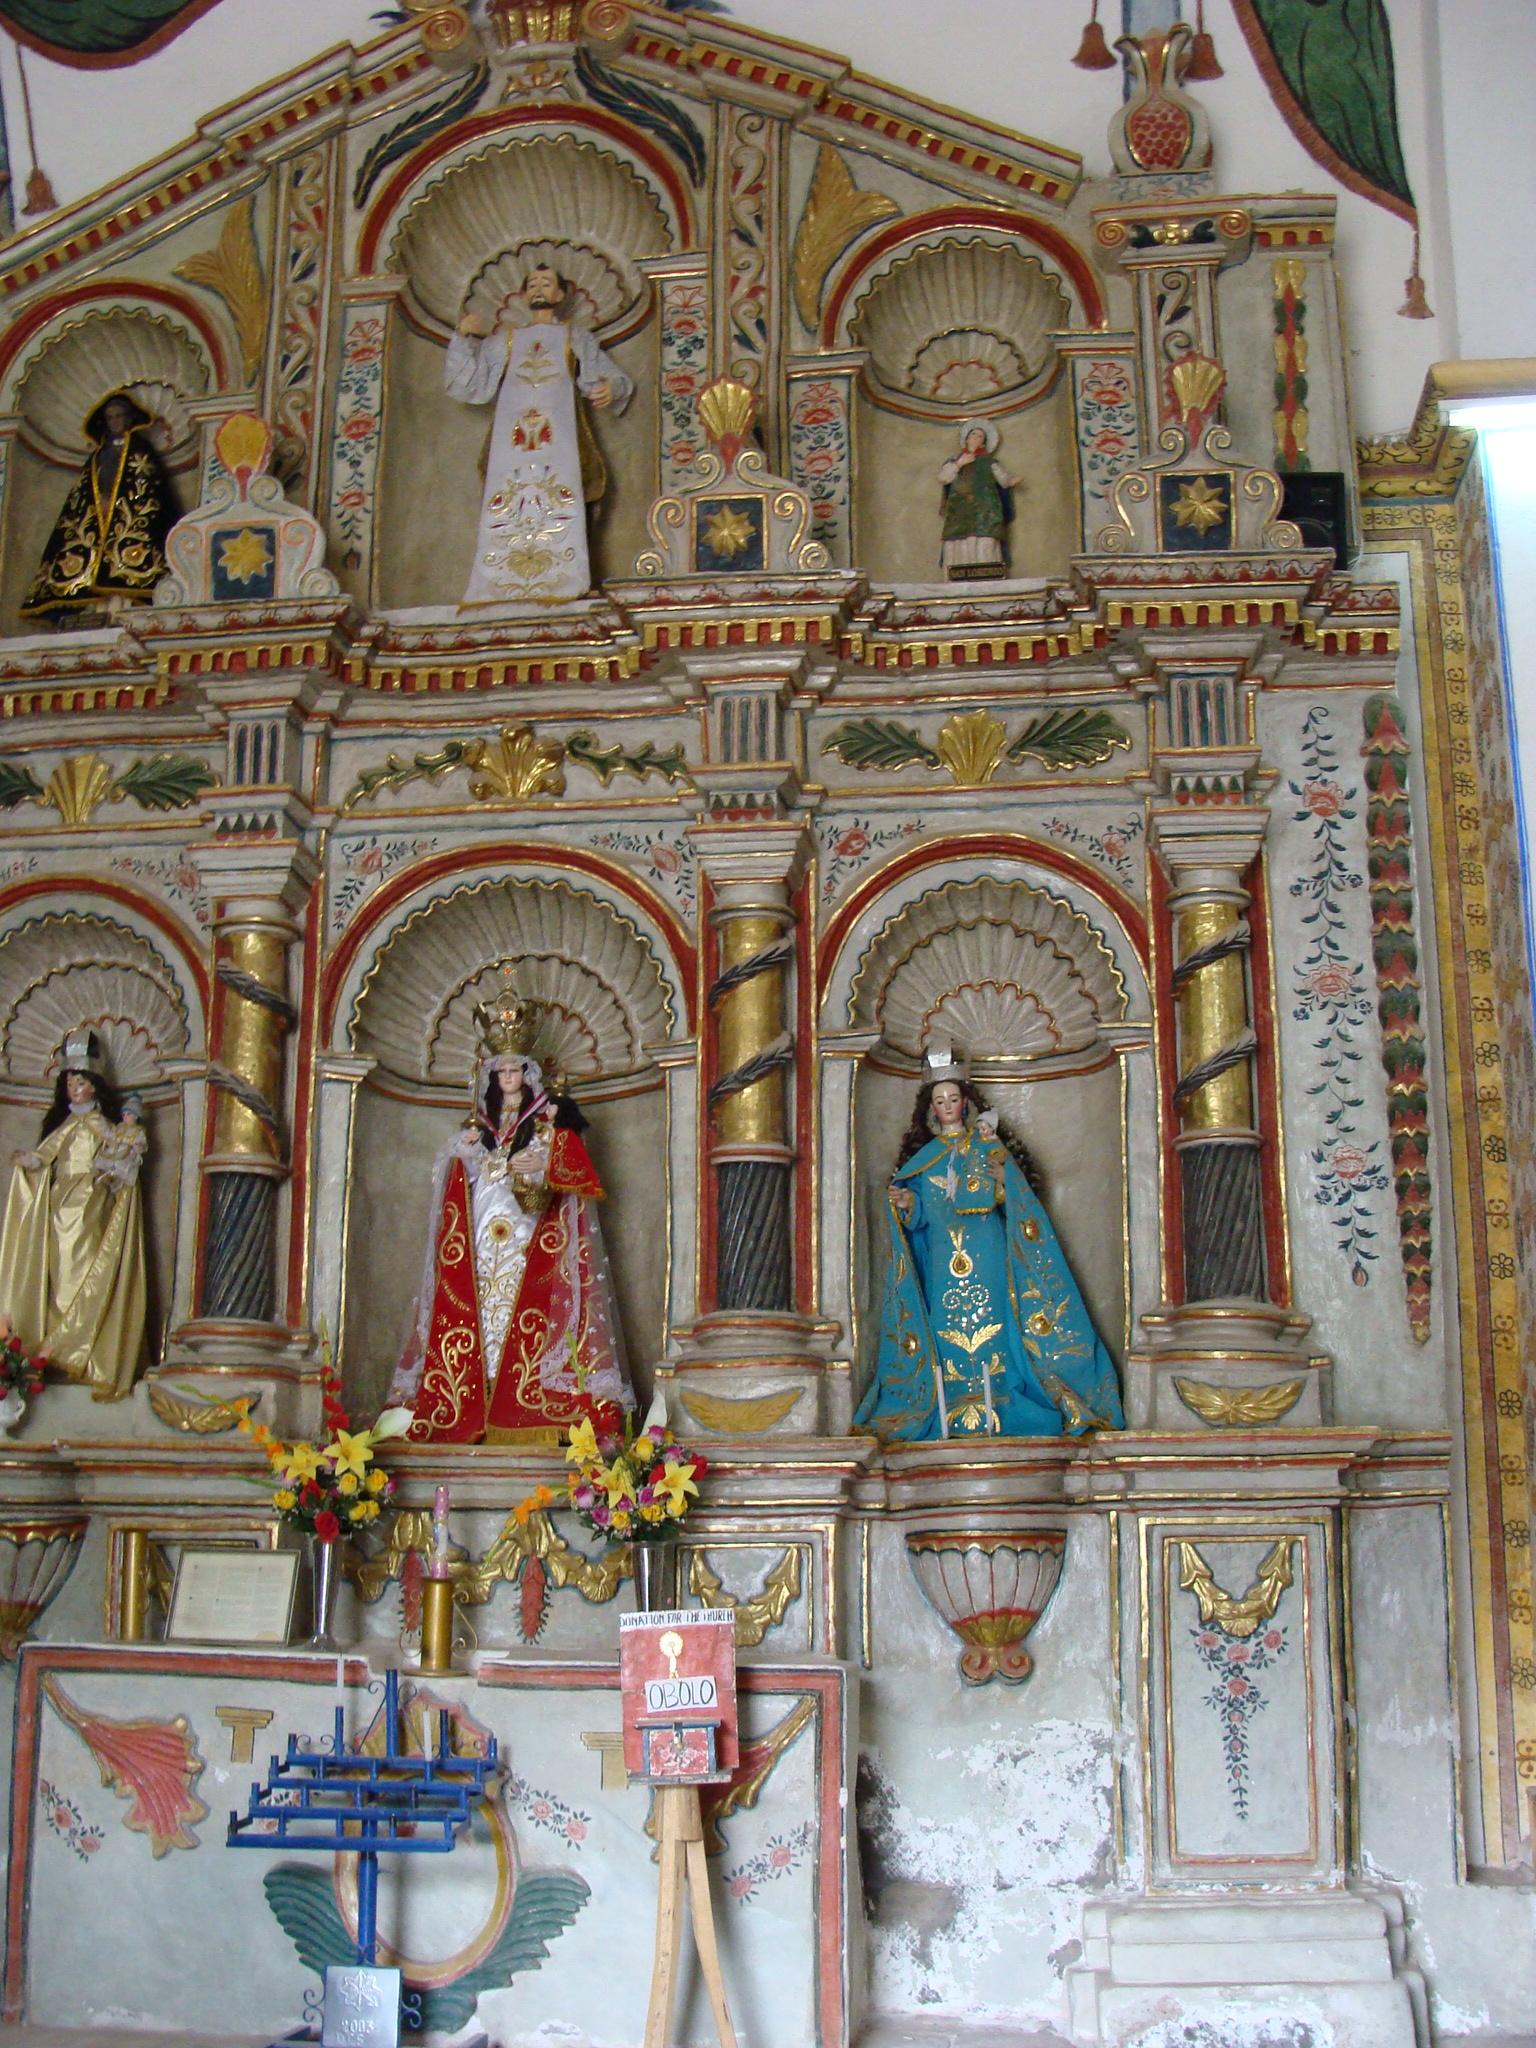 Coparaci - kostel Tempo de Yanque dne 19. 2. 2011 7:17